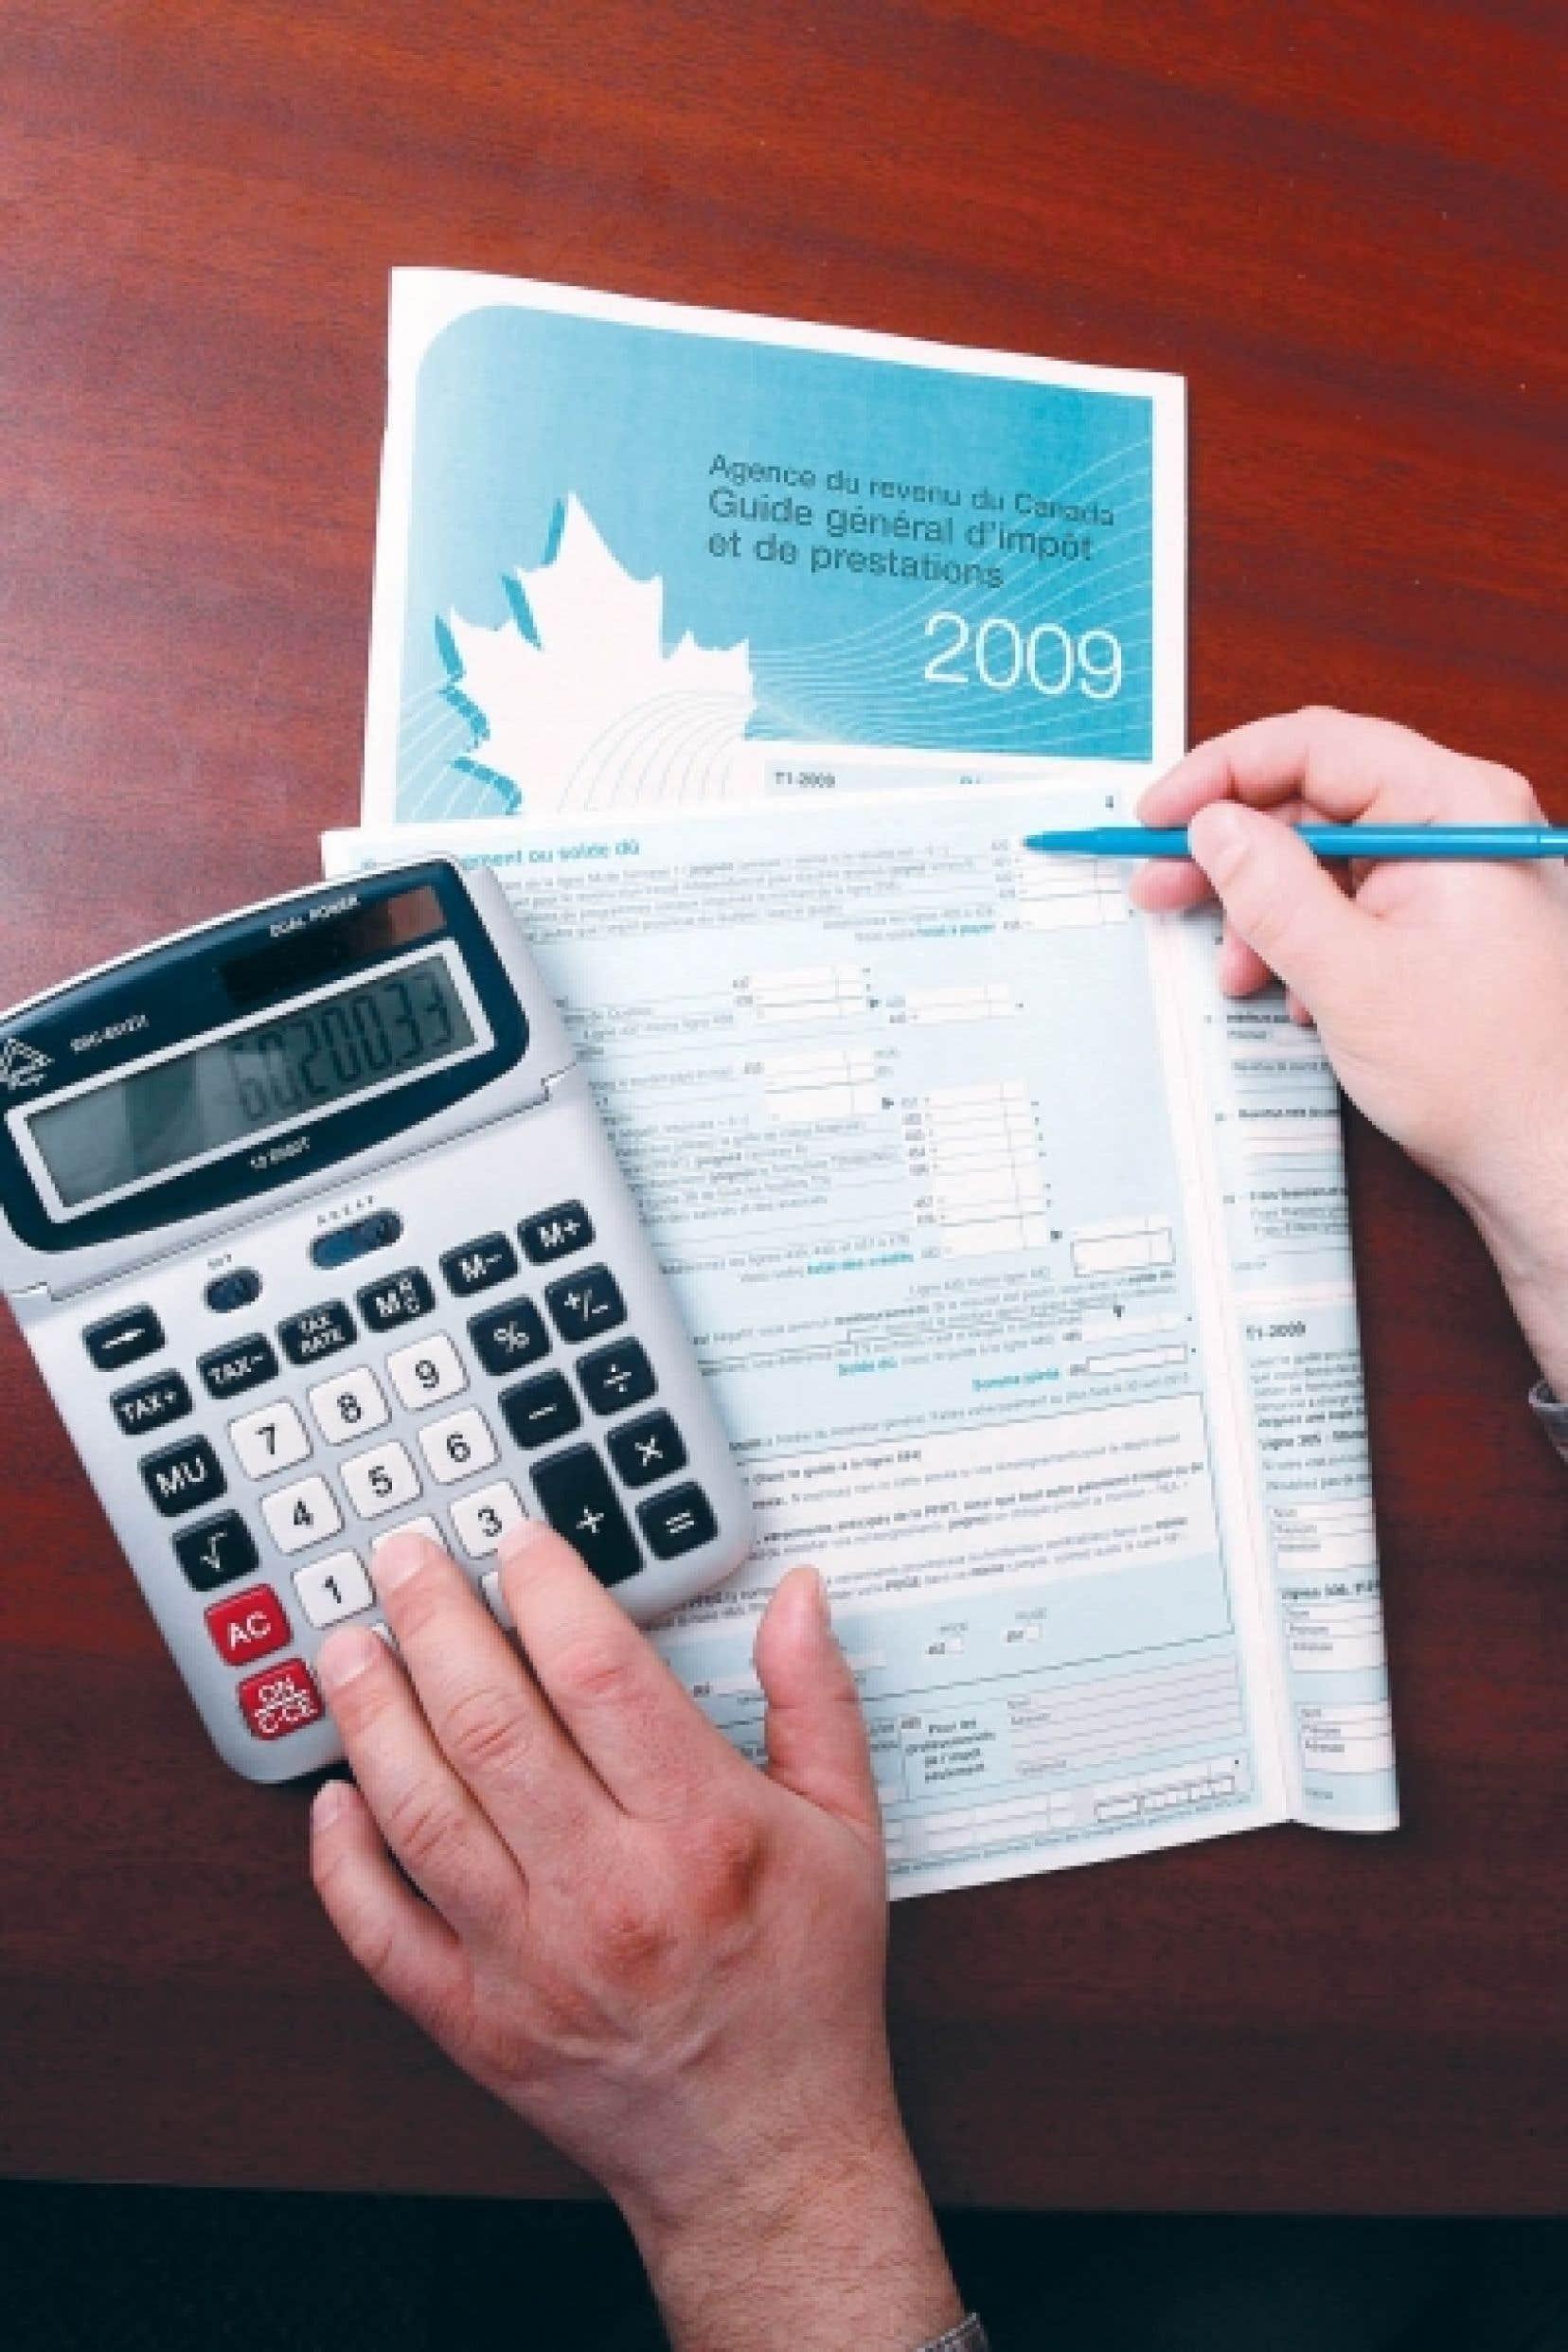 Se classant dans la plupart de ces catégories comme la province la plus taxée au pays, le Québec est souvent suivi de pas si loin par sa voisine ontarienne. Globalement, l'effort fiscal du Québec est de 117,2 % de la moyenne canadienne, contre 107 % pour l'Ontario, mais cette dernière dépasse le Québec en matière d'impôt foncier, avec 120 % de la moyenne canadienne, contre 106,8 % au Québec.